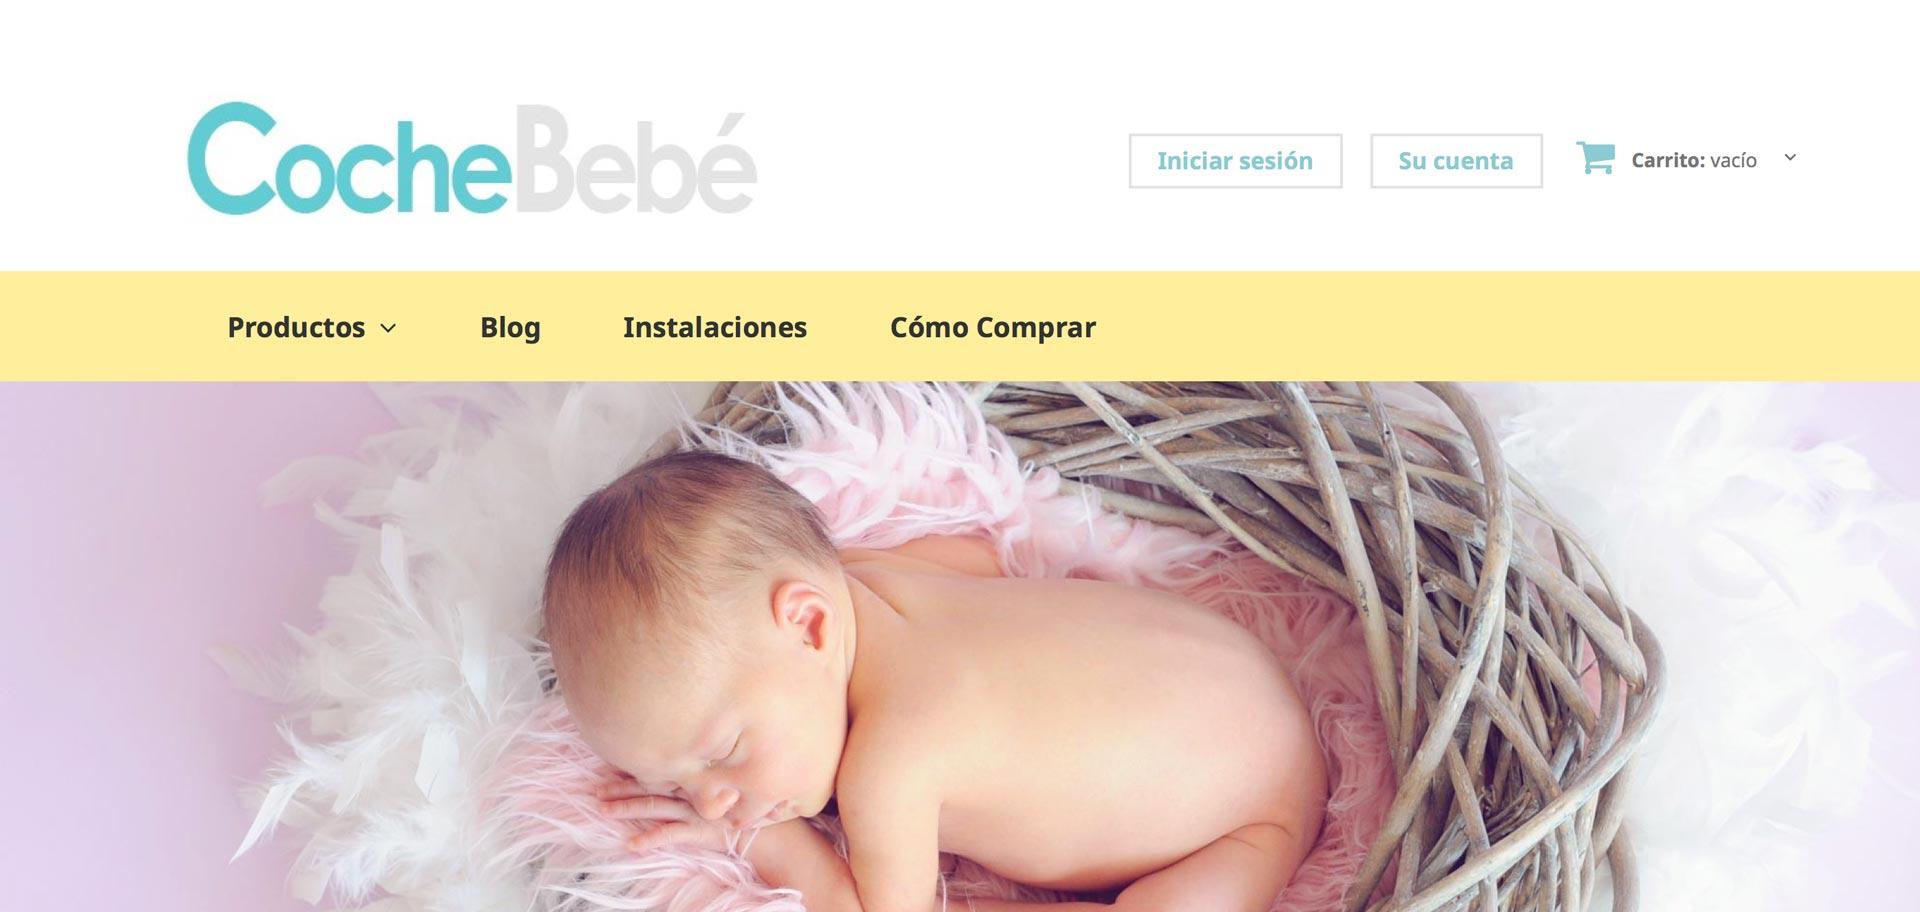 web de cochebebe en Lugo diseñada por Xeral.net